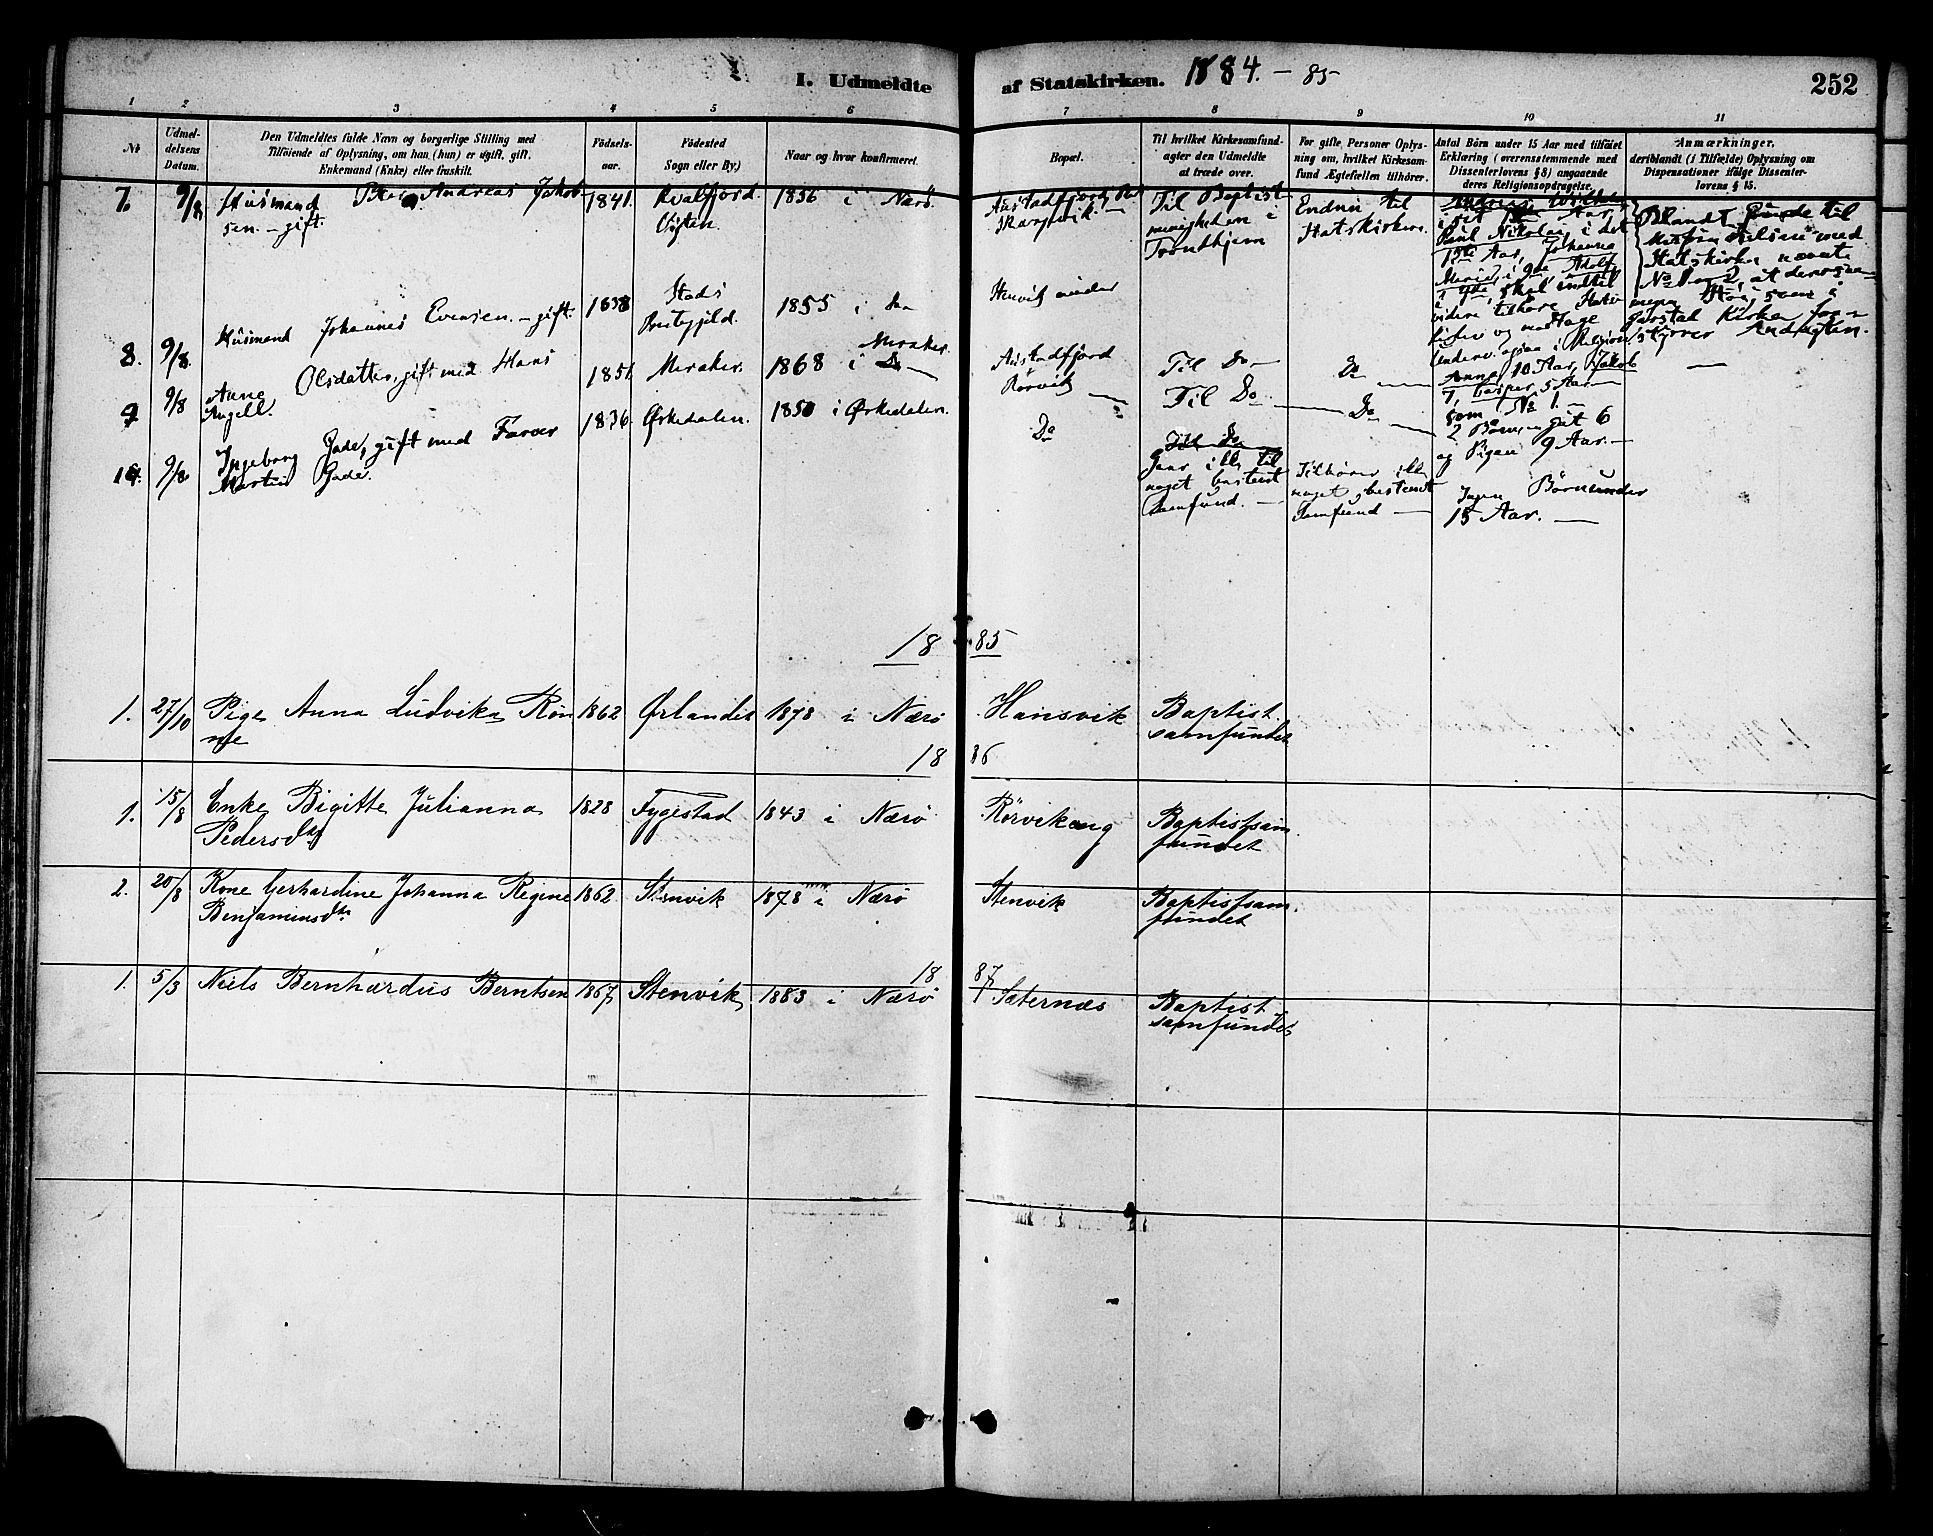 SAT, Ministerialprotokoller, klokkerbøker og fødselsregistre - Nord-Trøndelag, 786/L0686: Ministerialbok nr. 786A02, 1880-1887, s. 252